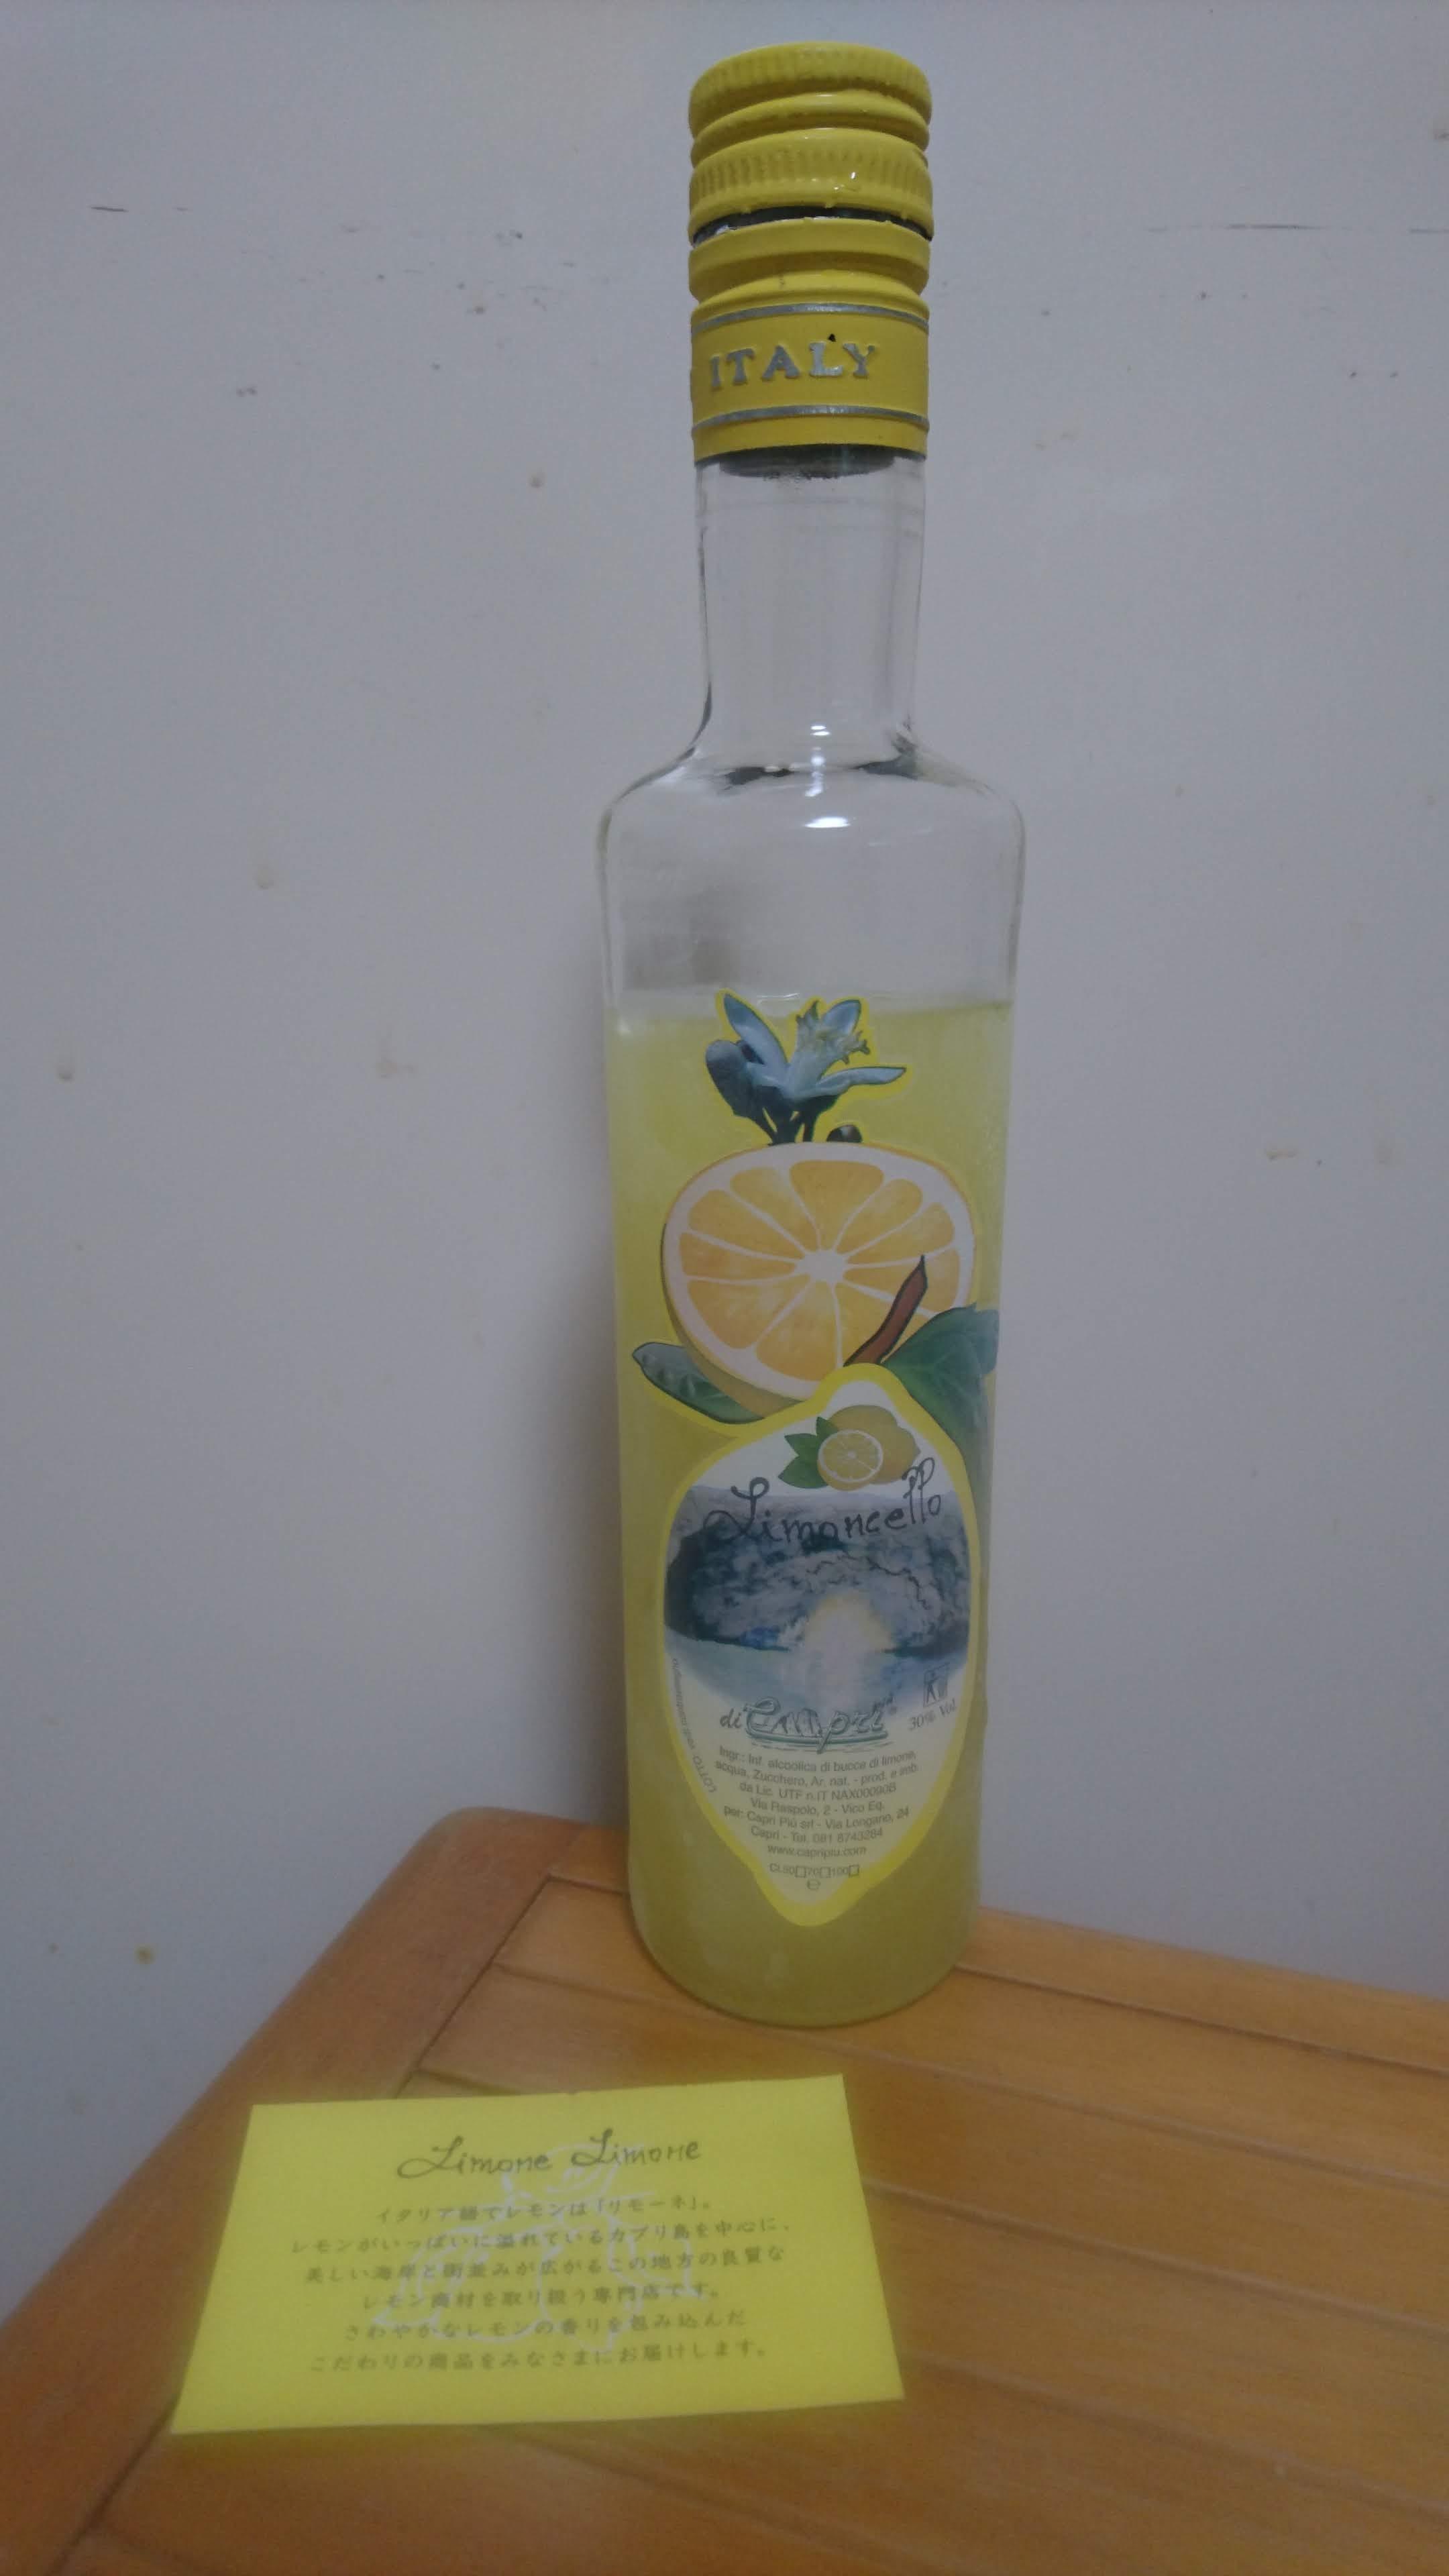 レモンの皮を漬けて作られたイタリアの伝統酒「リモンチェッロ」(アルコール分30%)。